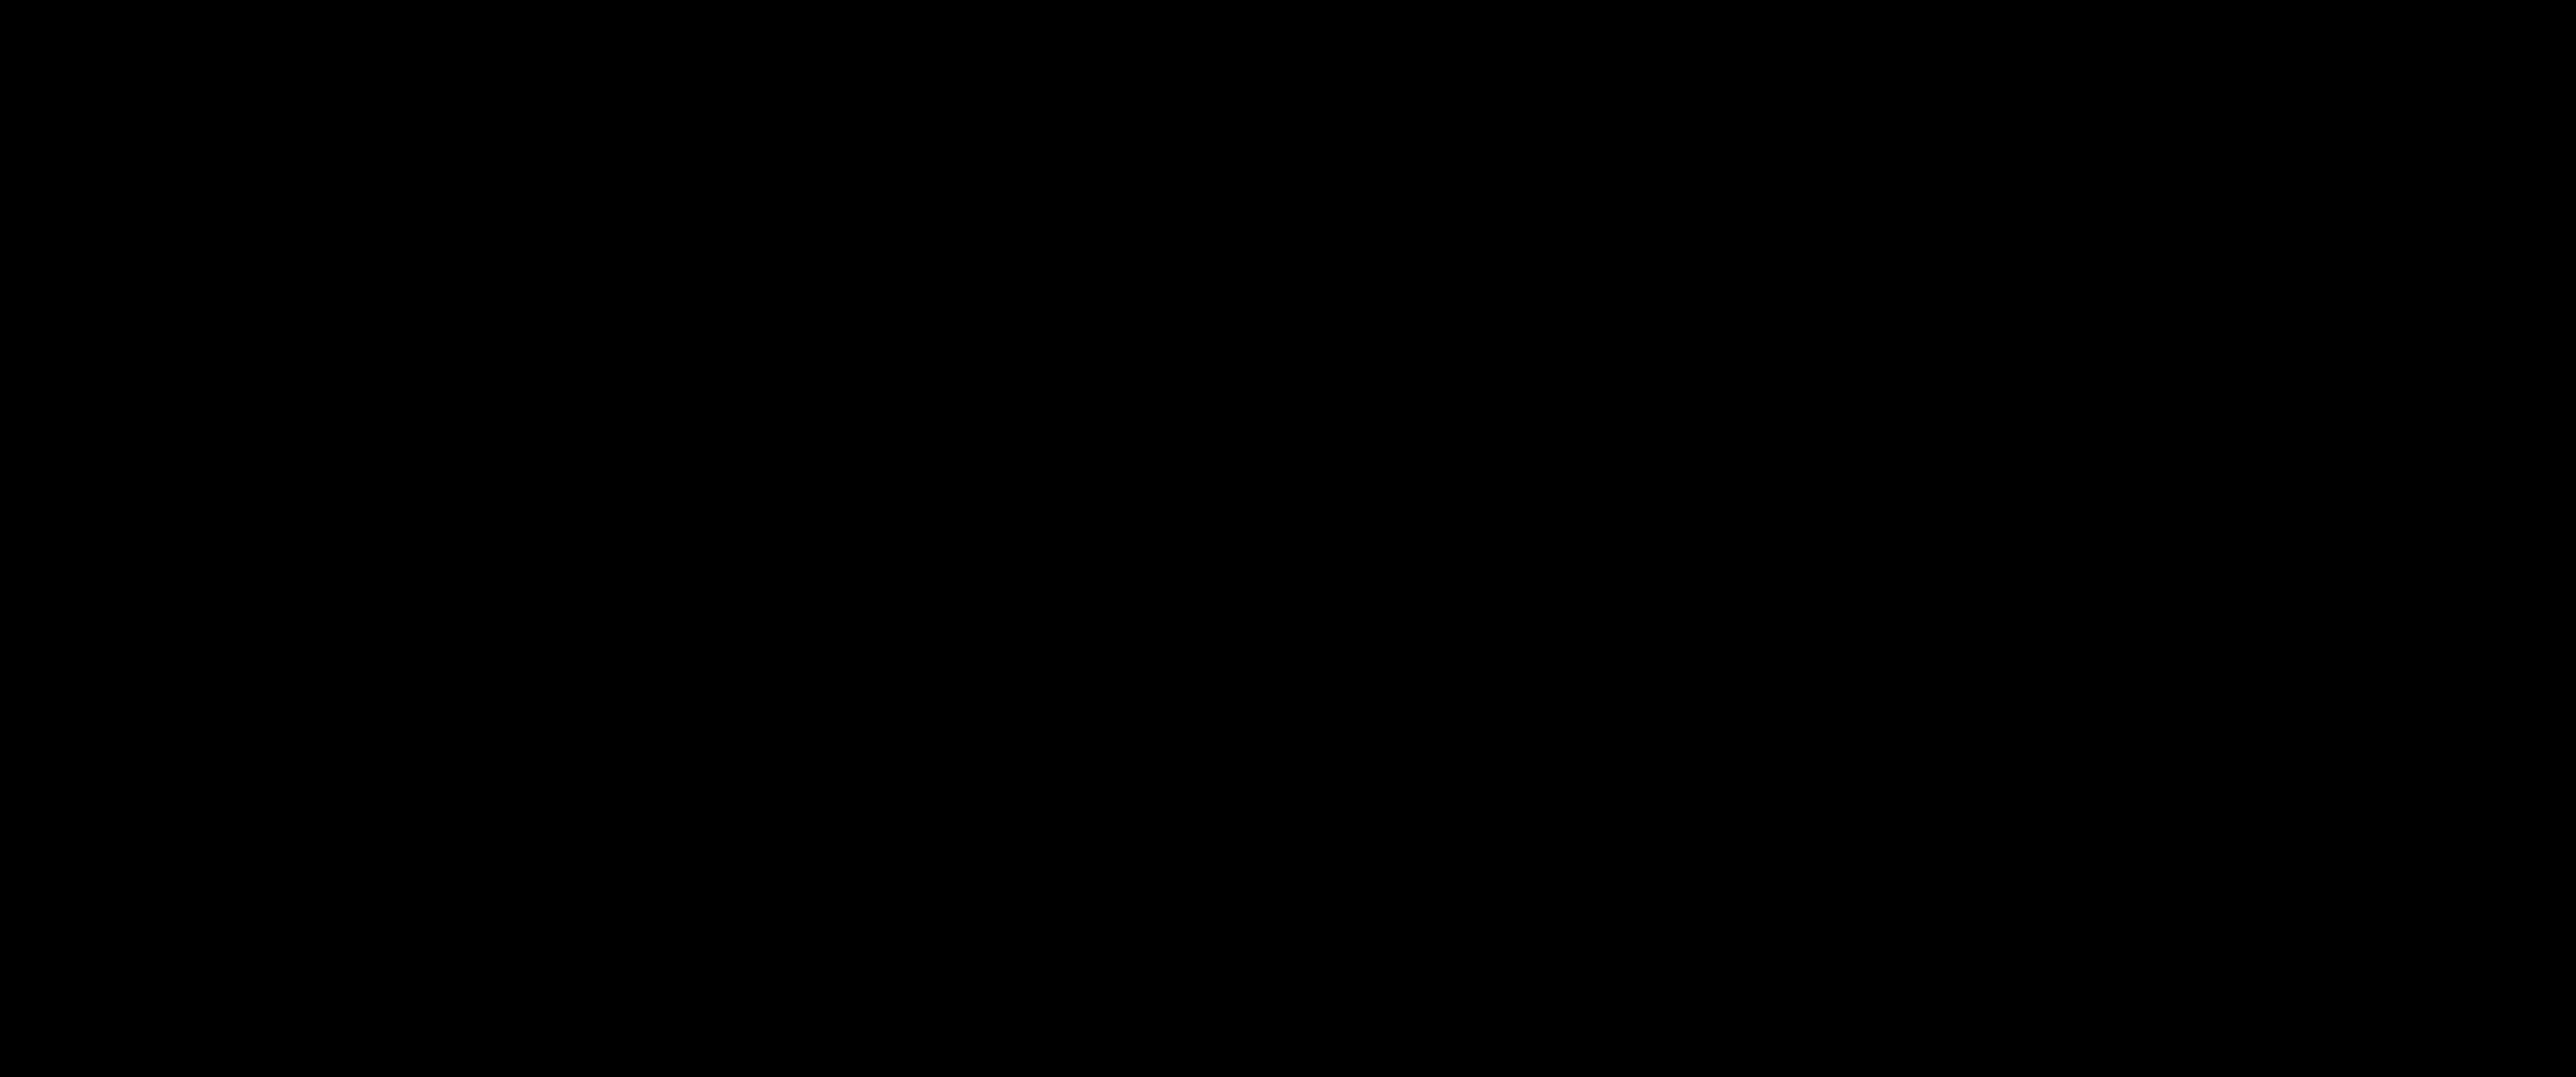 Das Logo der Gemeinde Kelmis